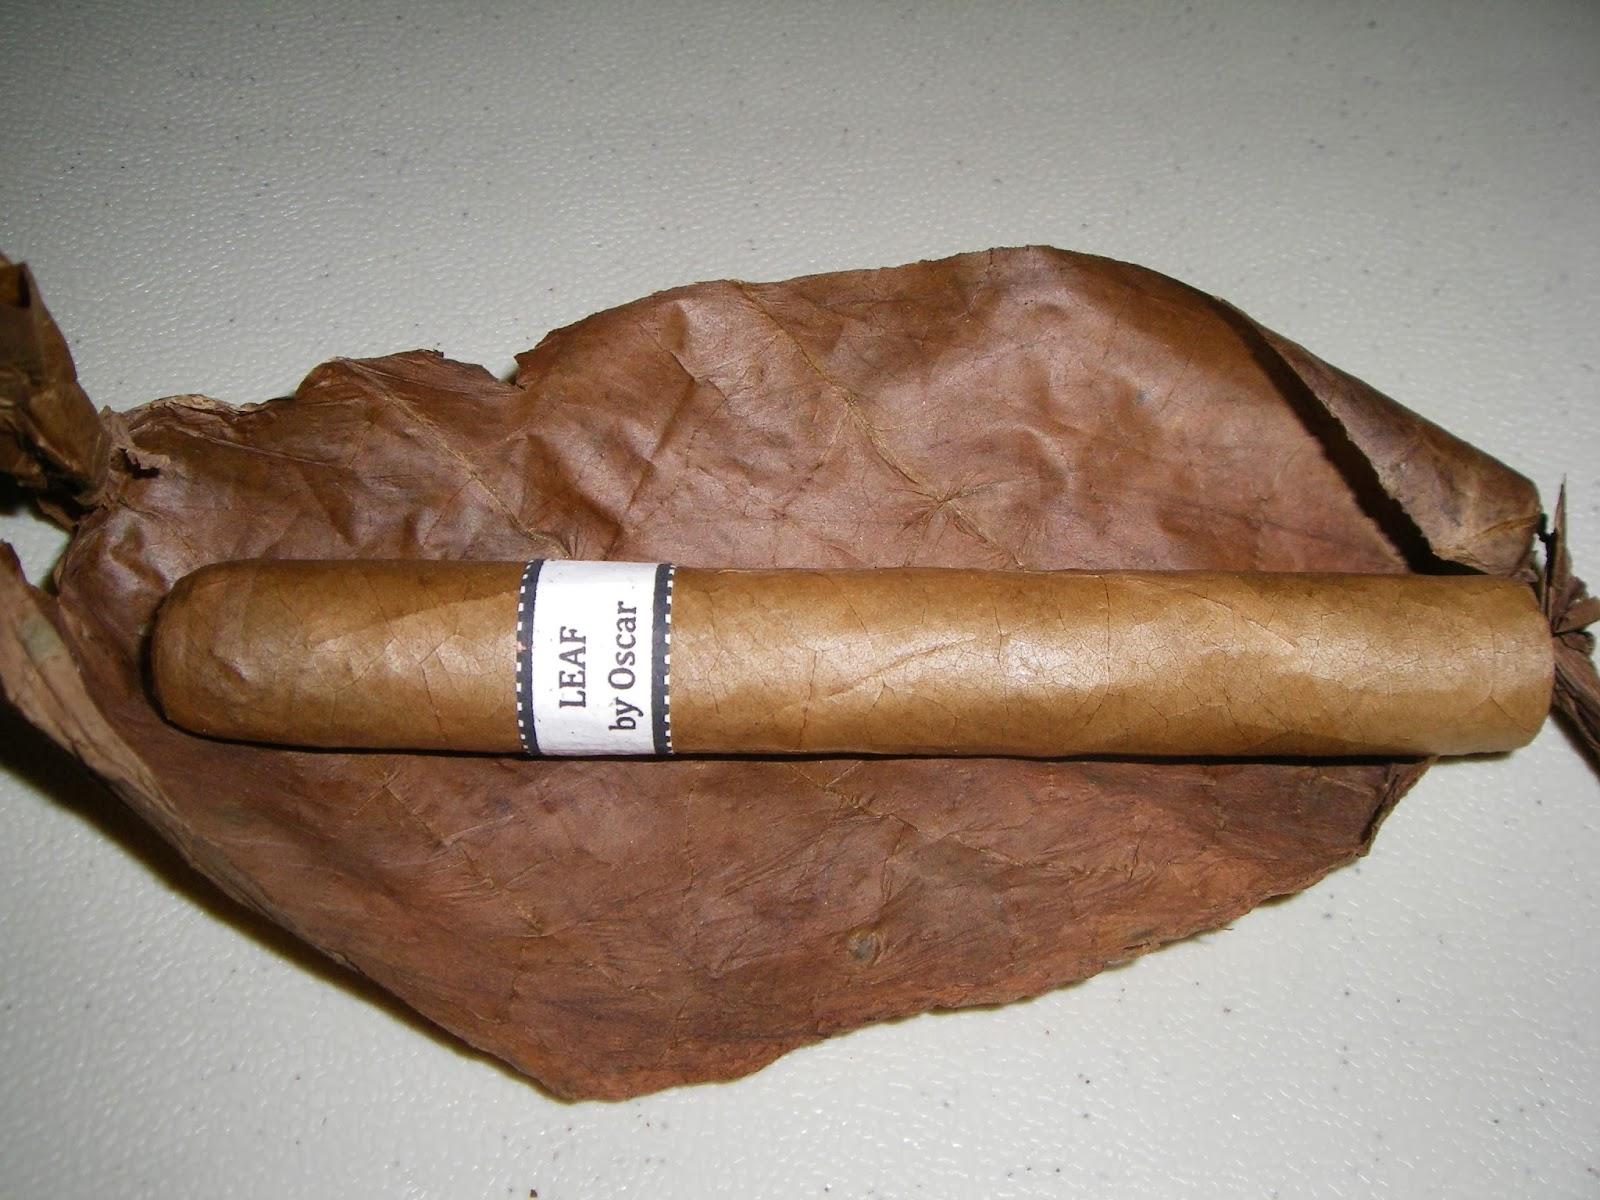 Cigar Review: Leaf by Oscar Connecticut